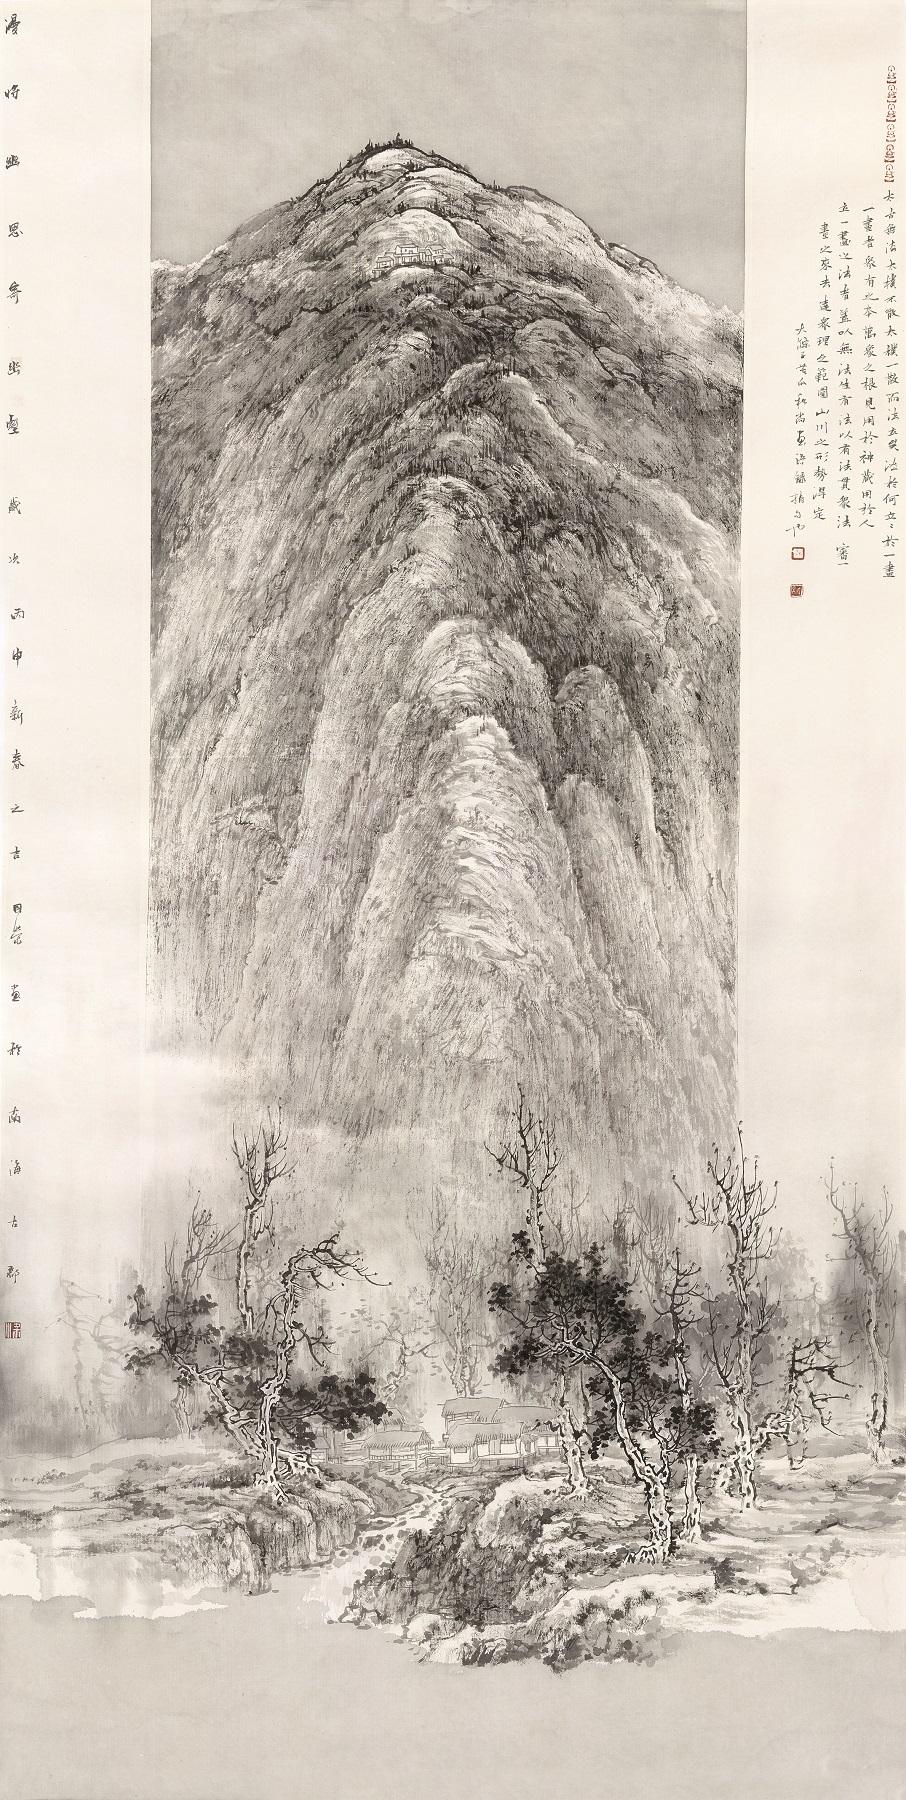 漫将幽思寄幽壑2016年139cmX70cm   纸本水墨.jpg